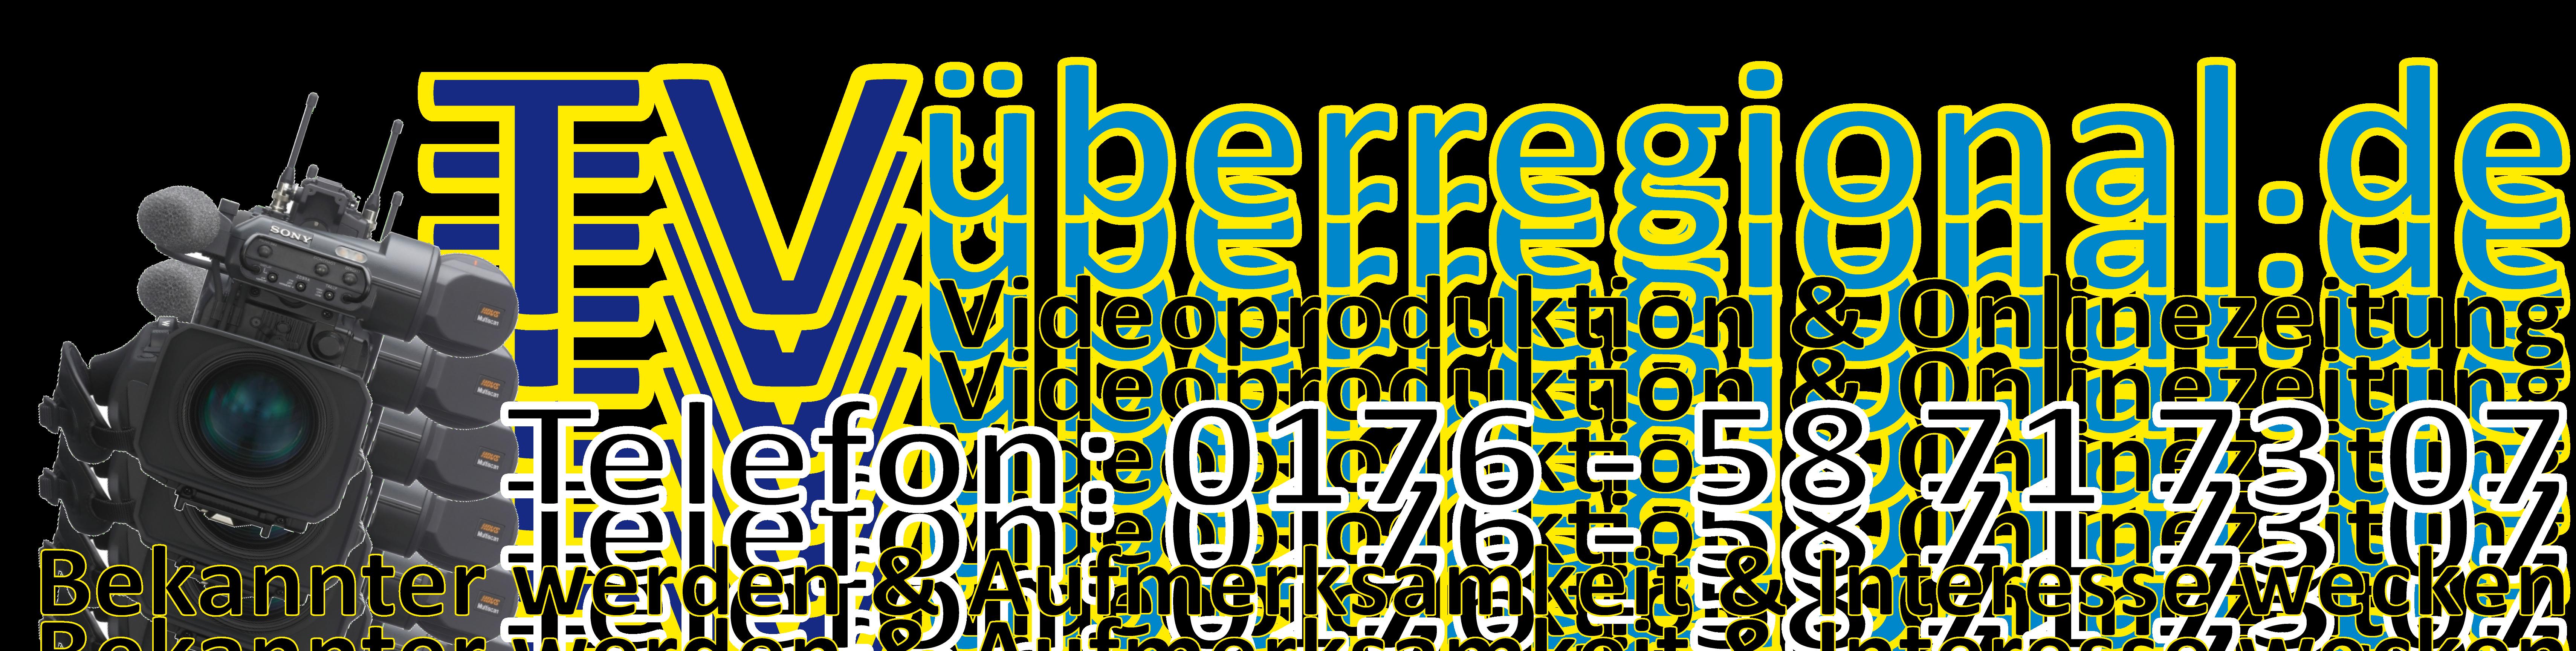 Logo TVueberregional 15-07-2020